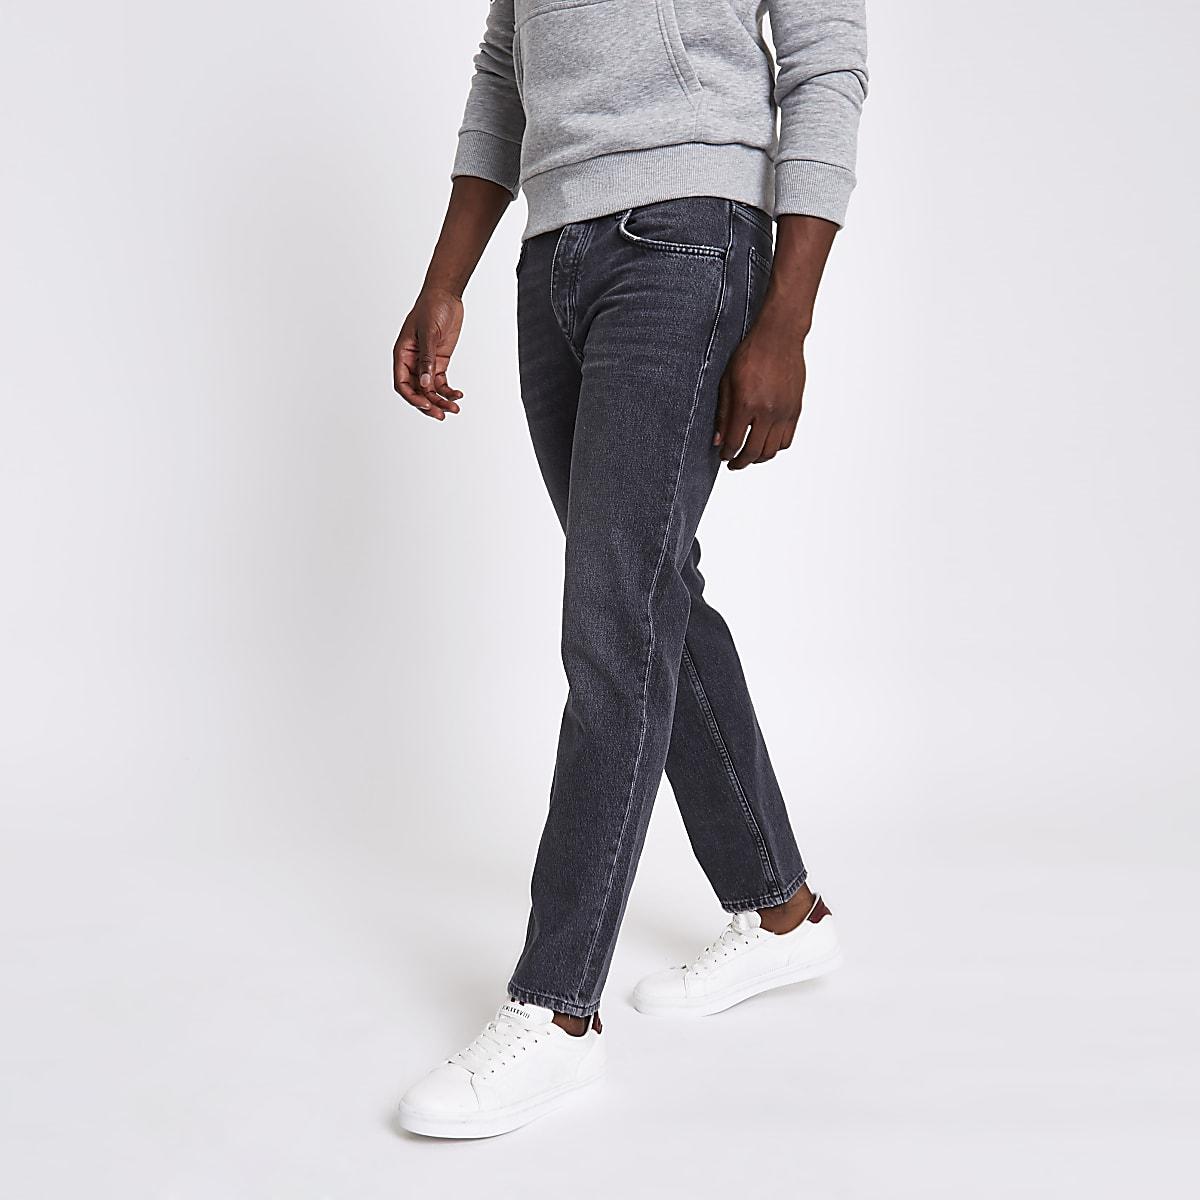 Grey Dean standard jeans